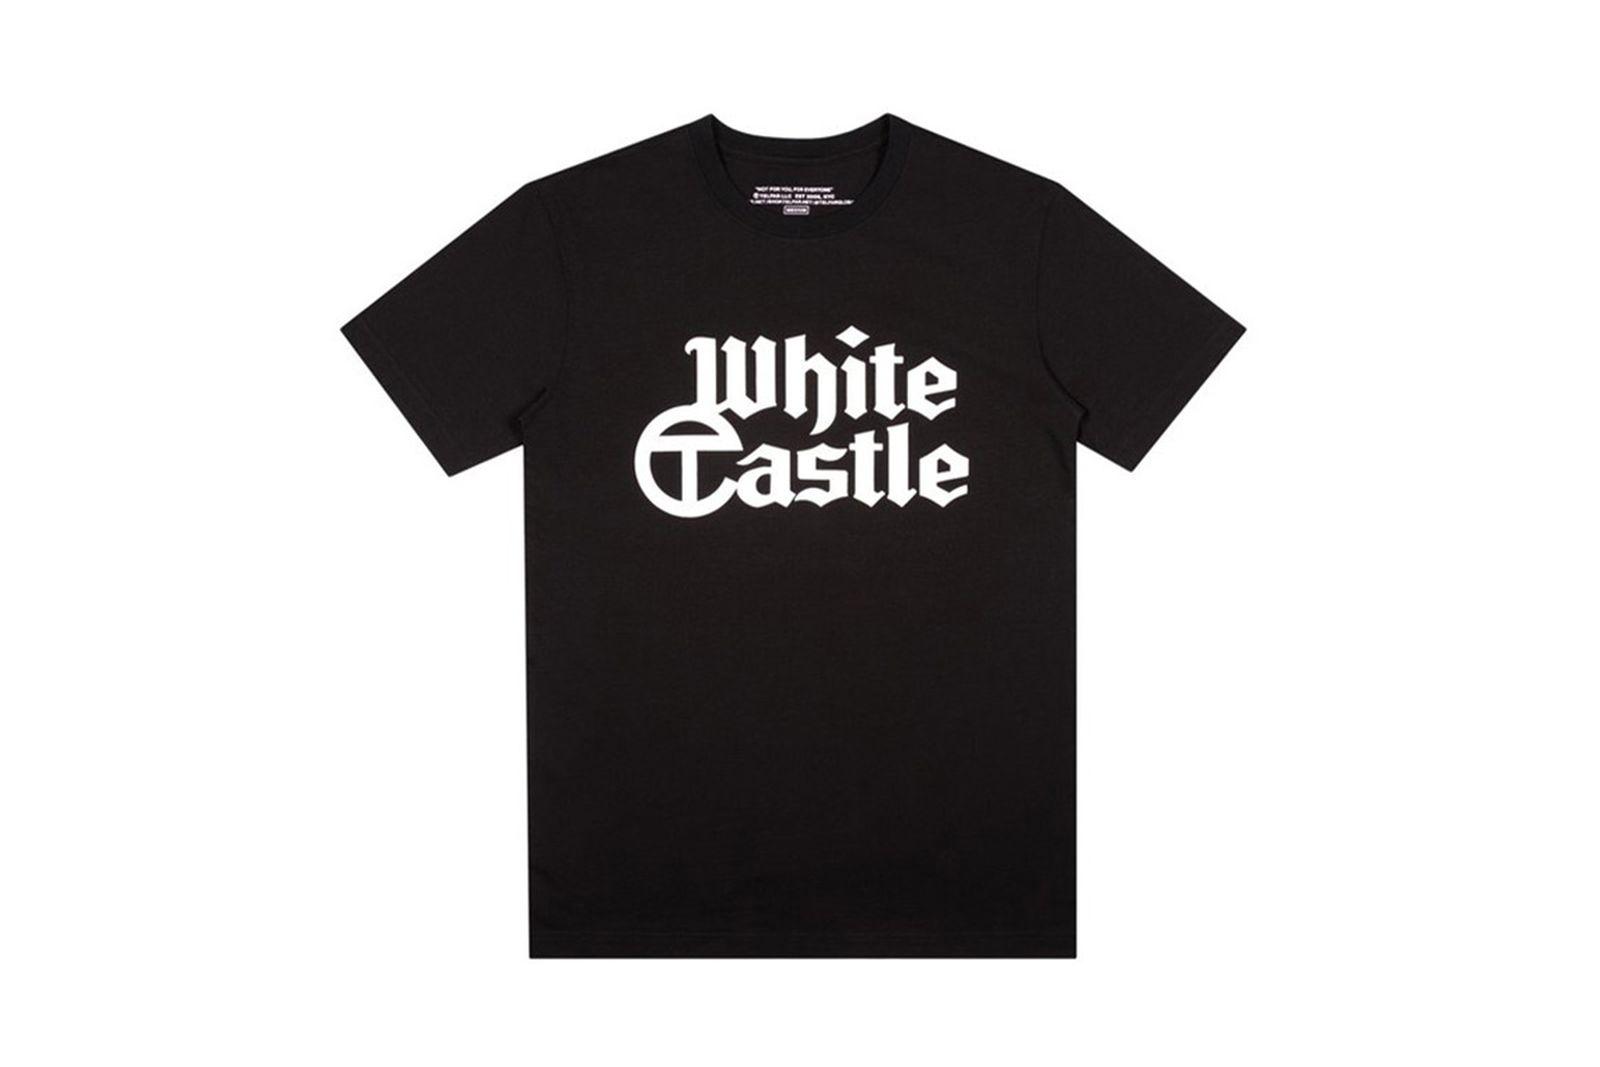 telfar-white-castle-2021-02